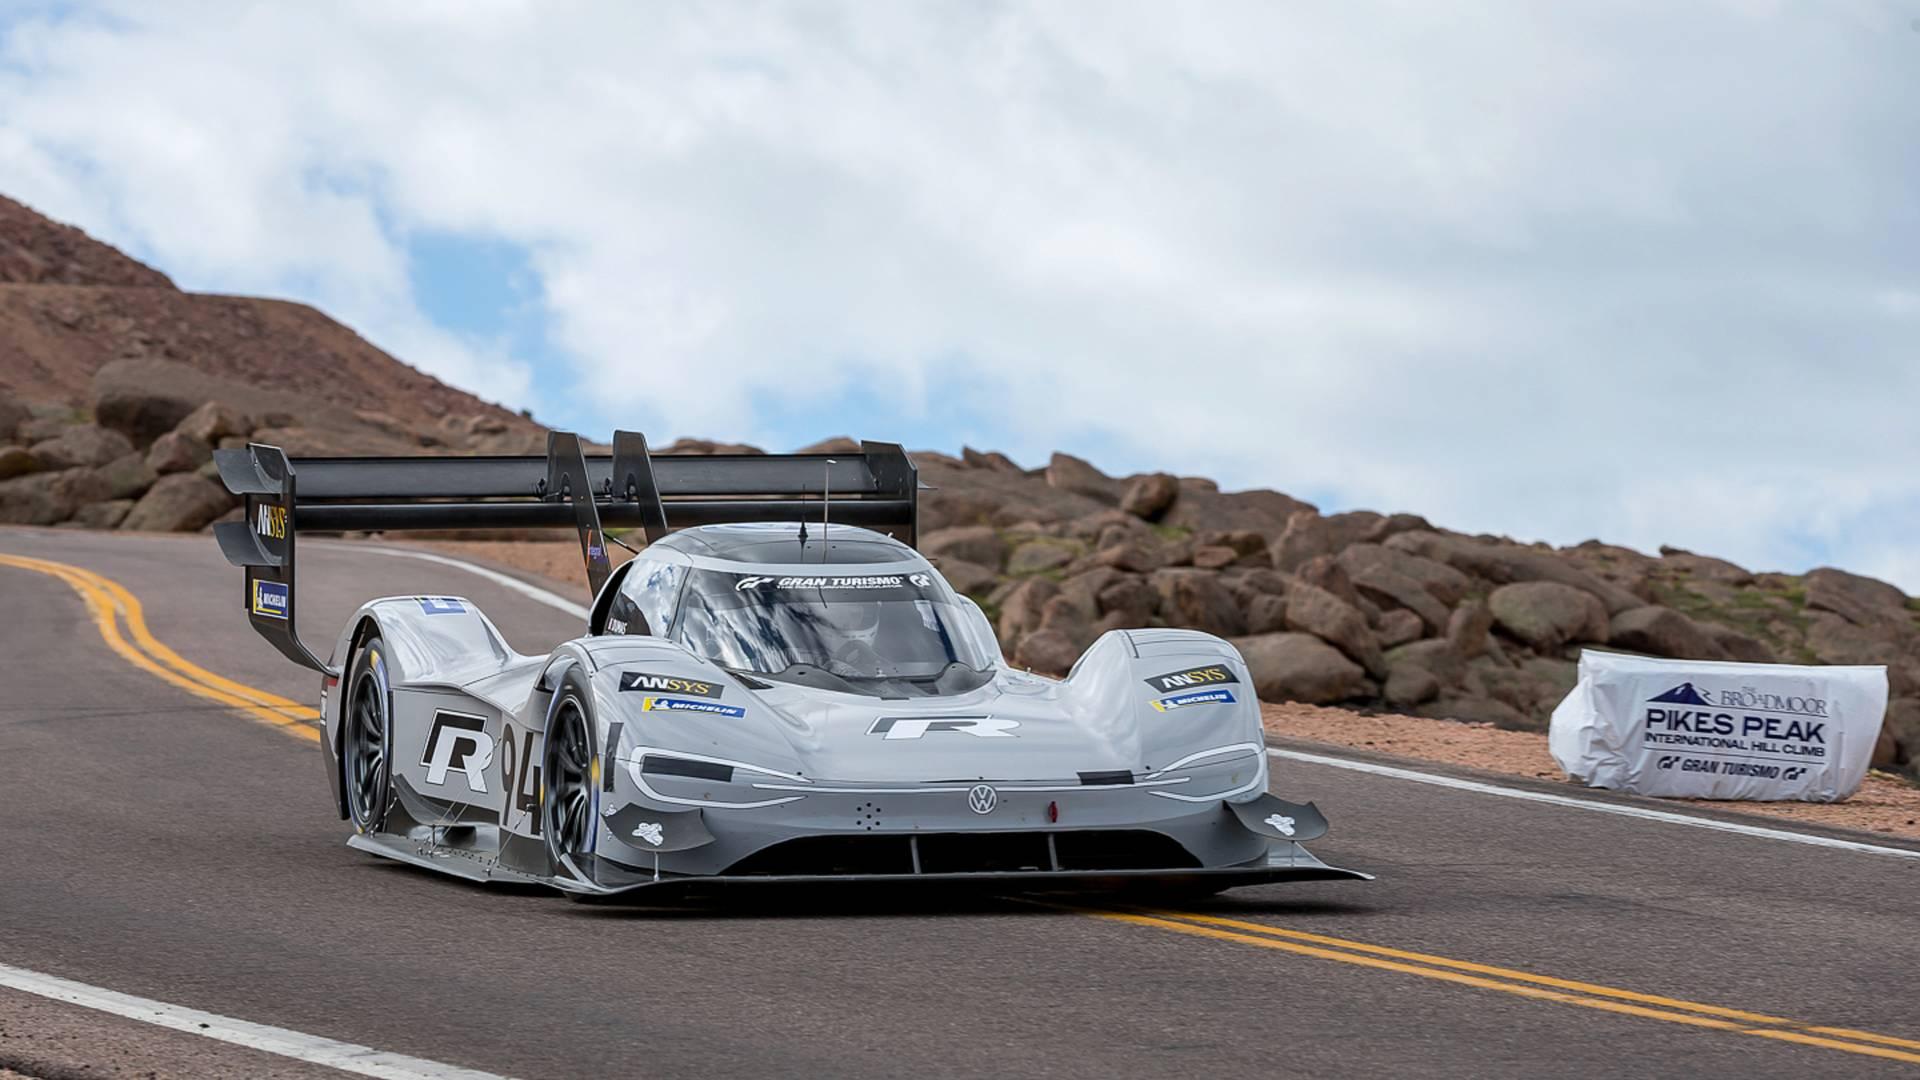 Pikes peak le record de vitesse de s bastien loeb cras par une voiture lectrique frandroid - Voiture sebastien loeb ...